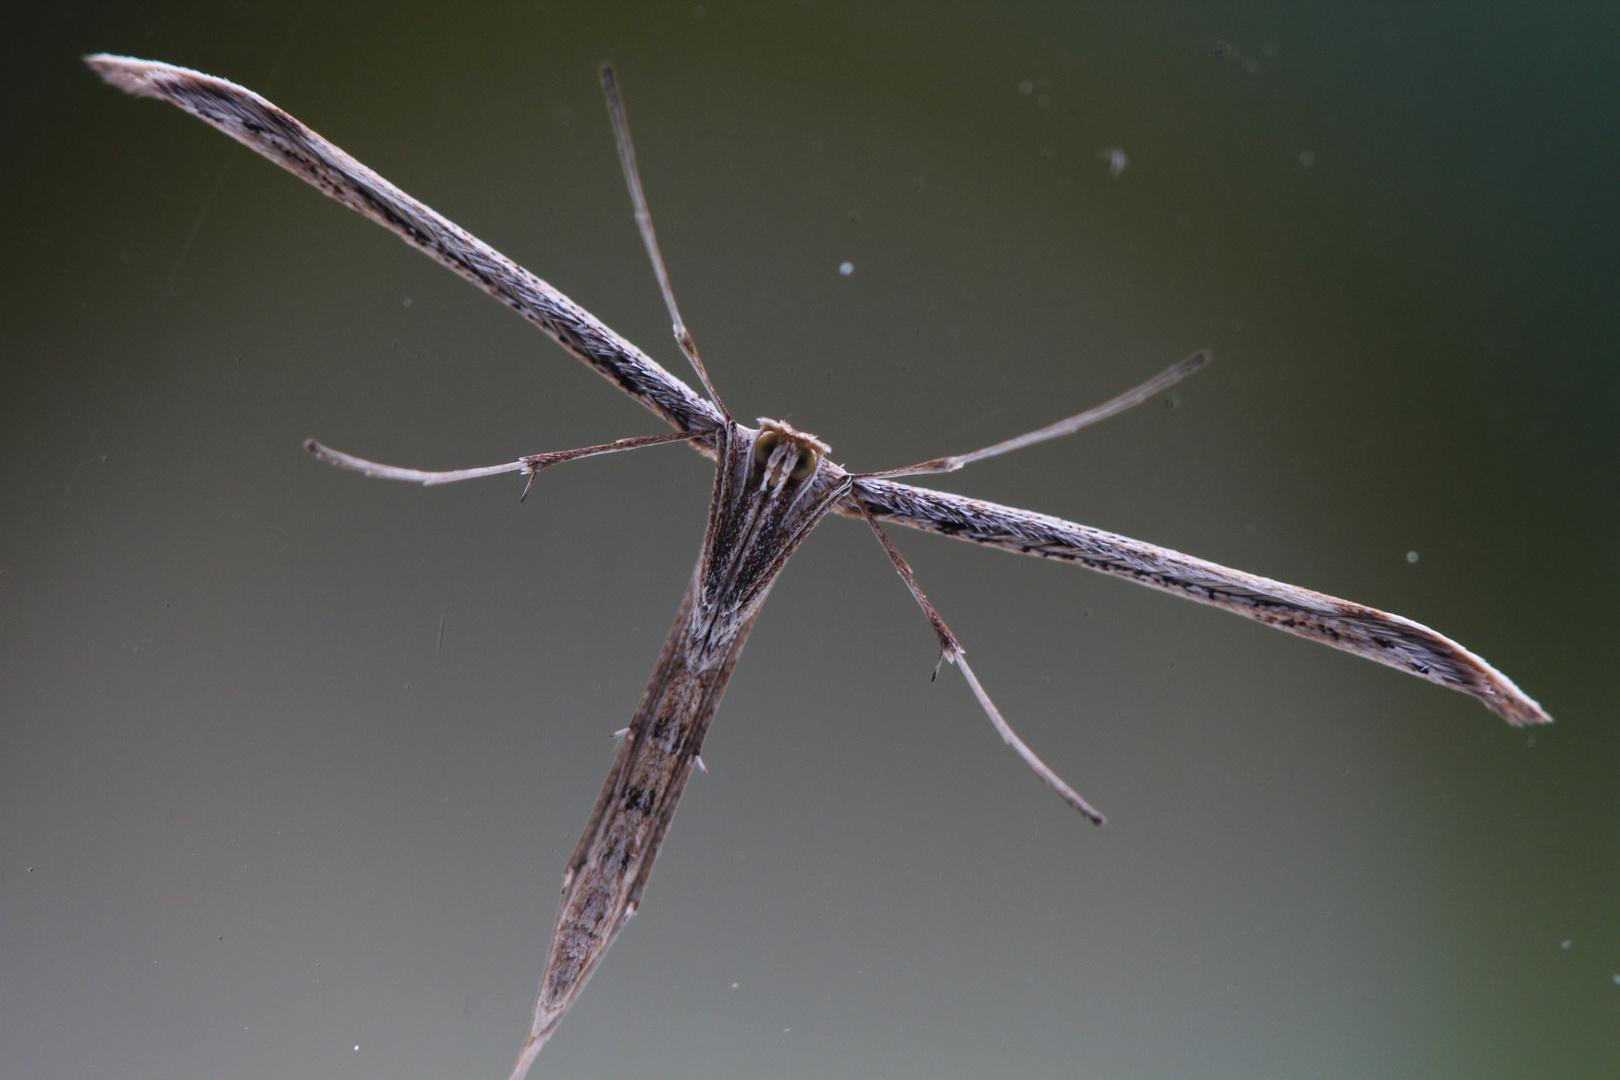 Unbekanntes Flugobjekt